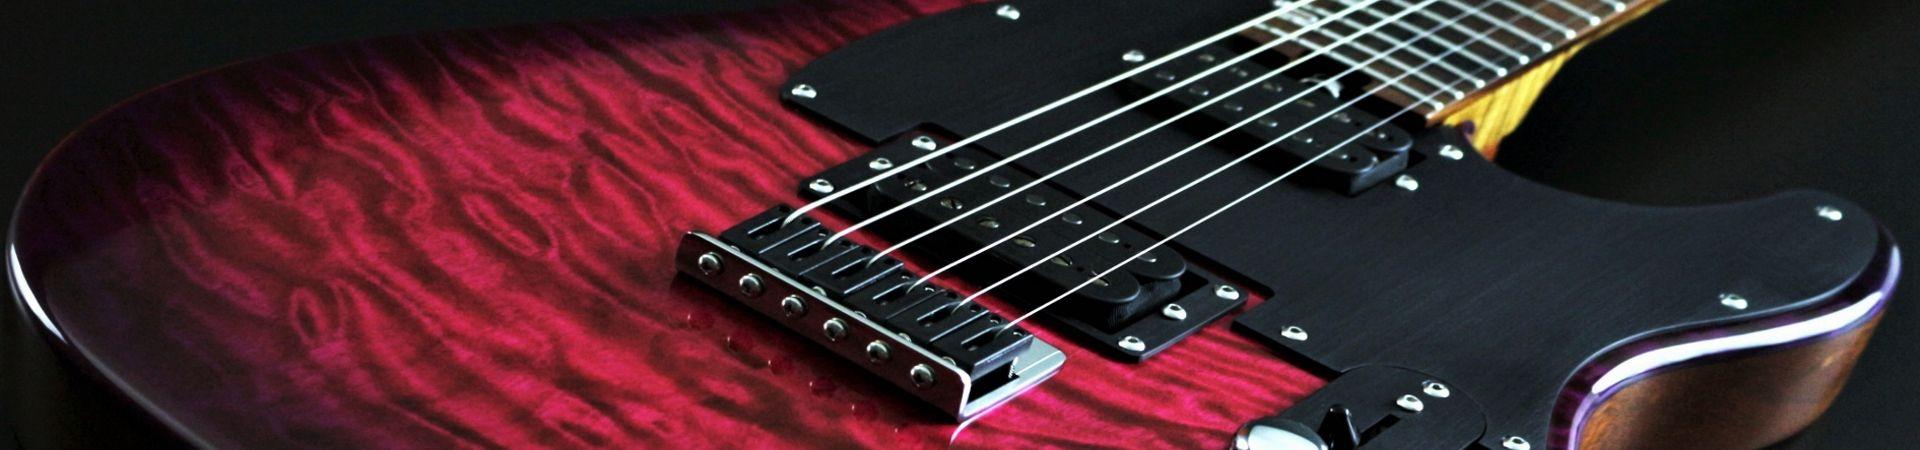 Klingen Guitars